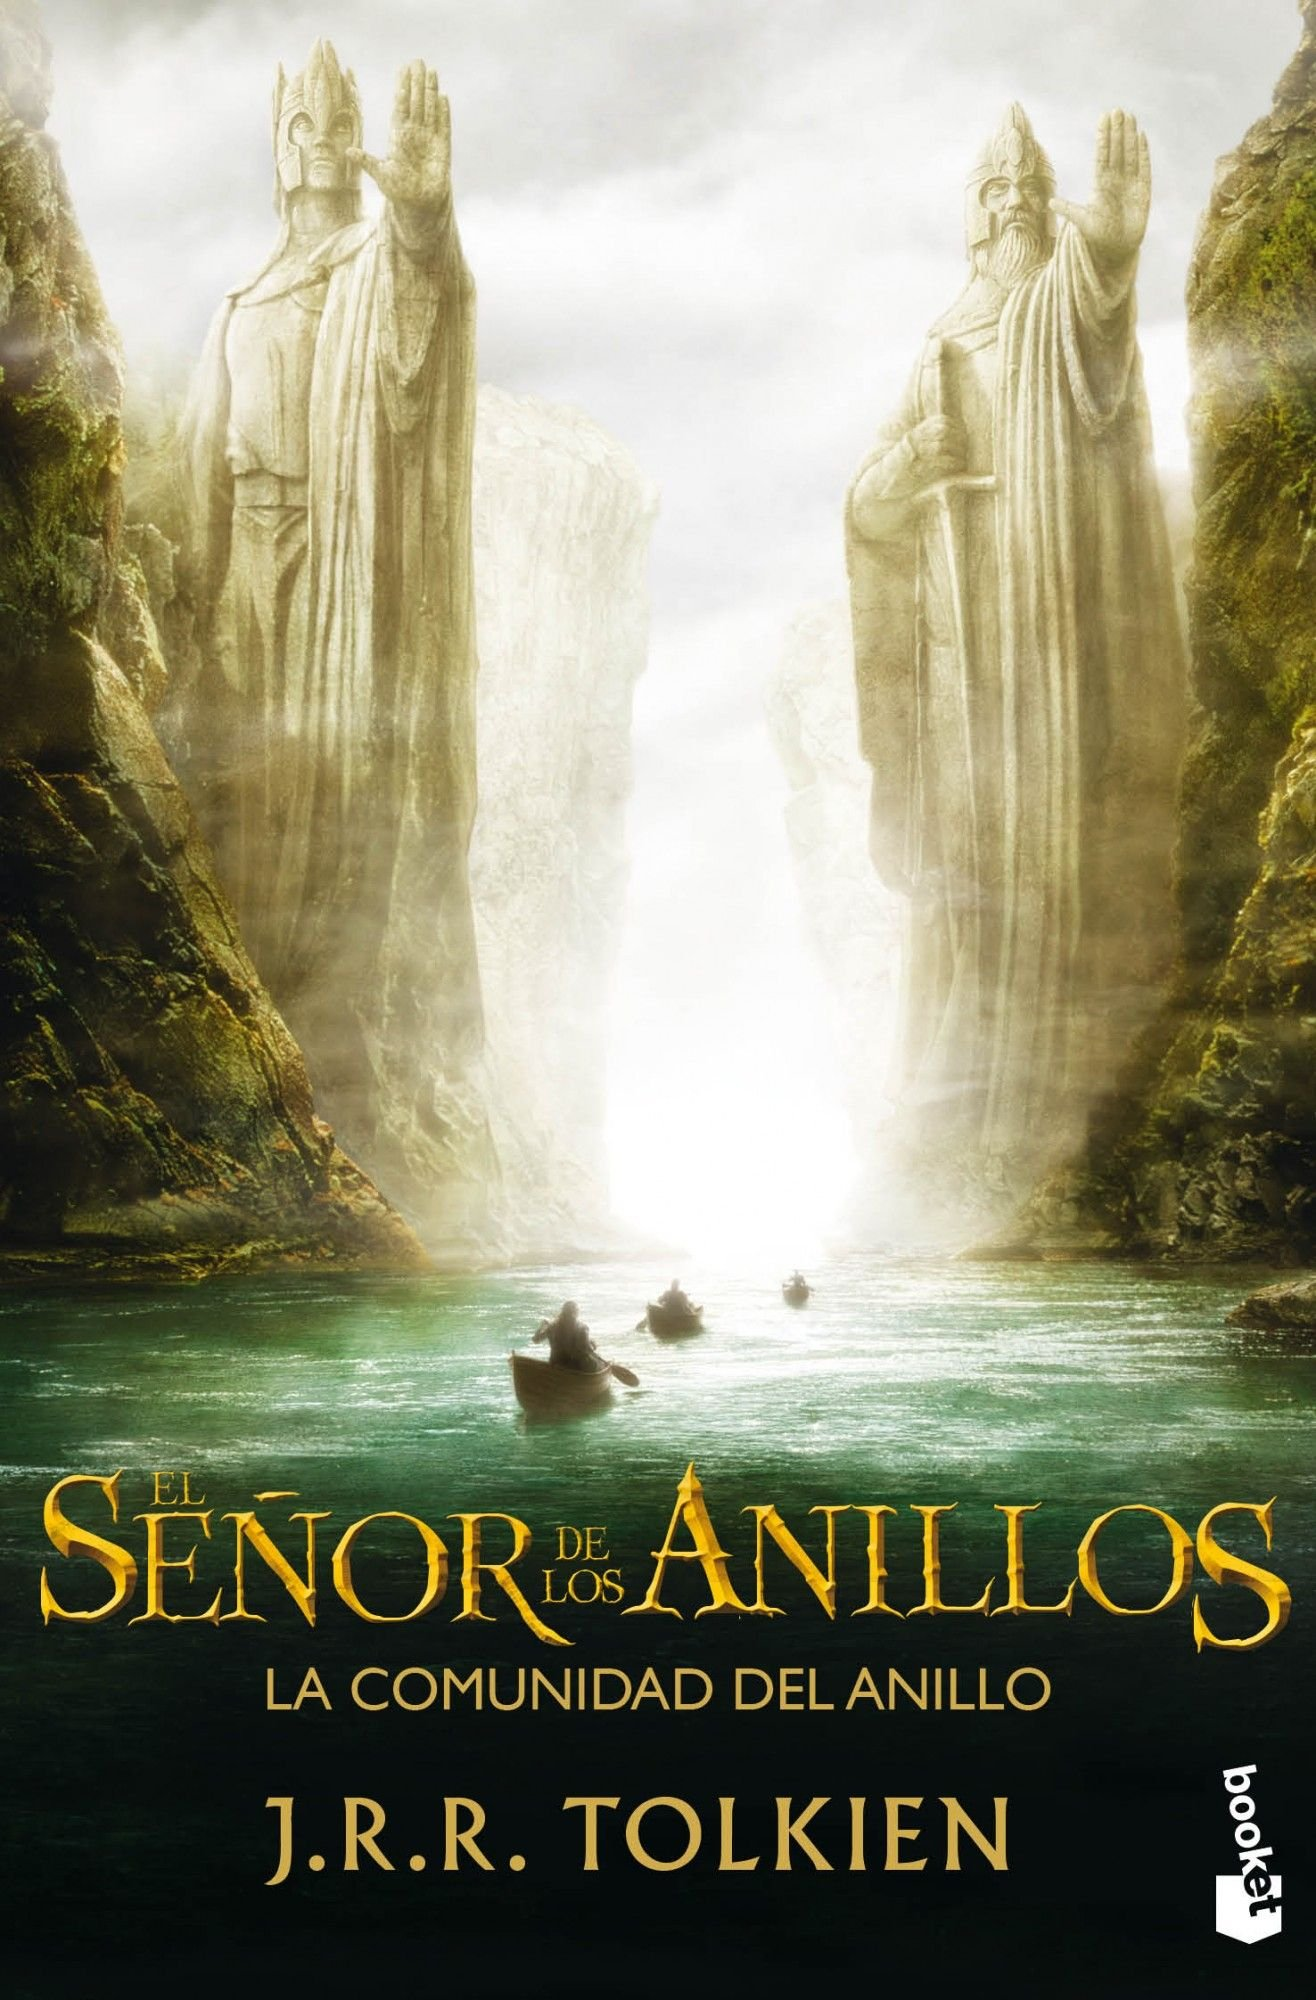 El Señor de los Anillos I. La Comunidad del Anillo Biblioteca J. R. R.  Tolkien: Amazon.es: J. R. R. Tolkien, Luis Domènech: Libros